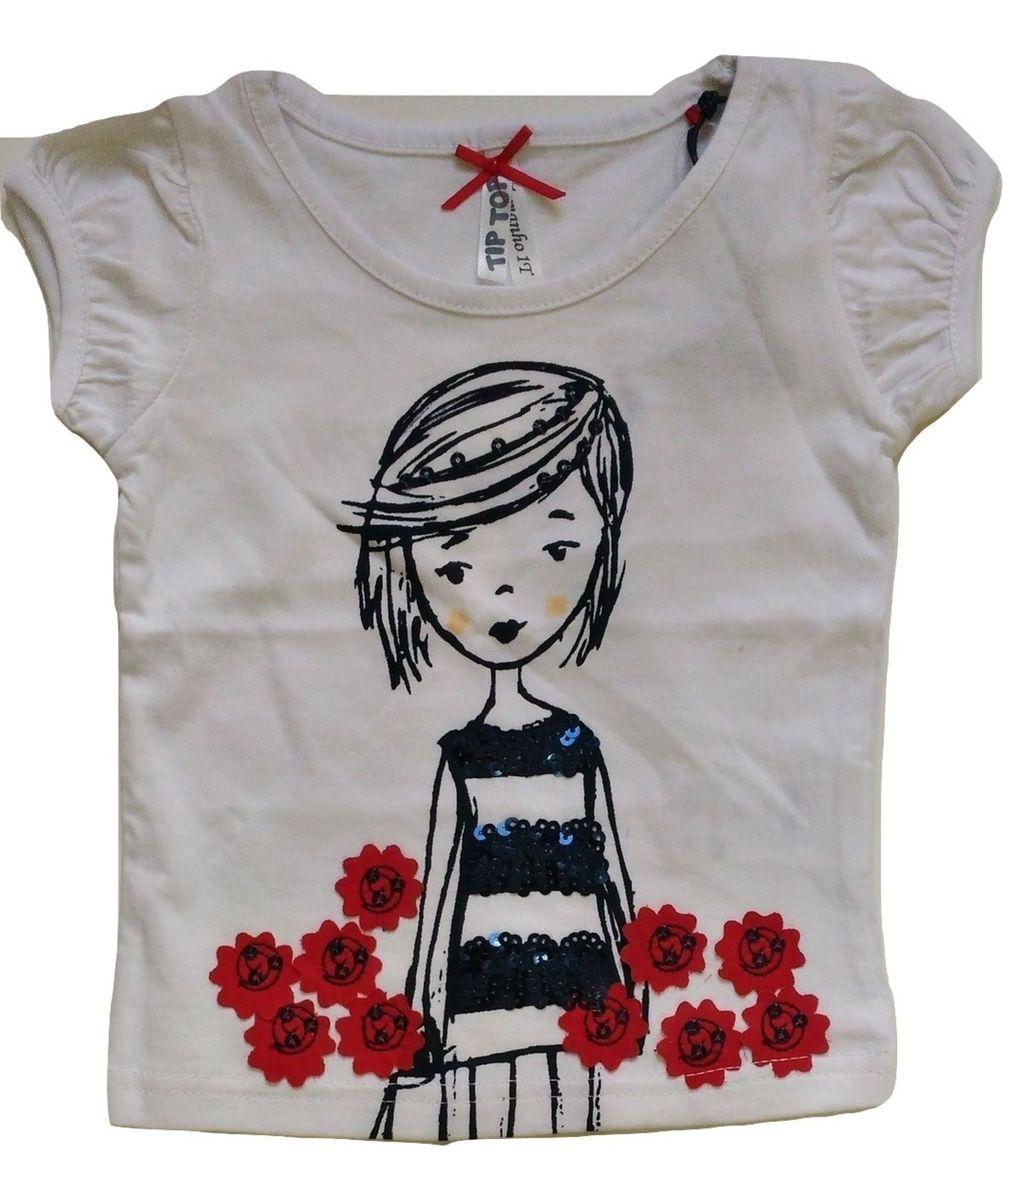 787e75bfb8 roupa infantil tip top - 01 blusa branca com detalhe em lantejoula e  estampa vermelha -